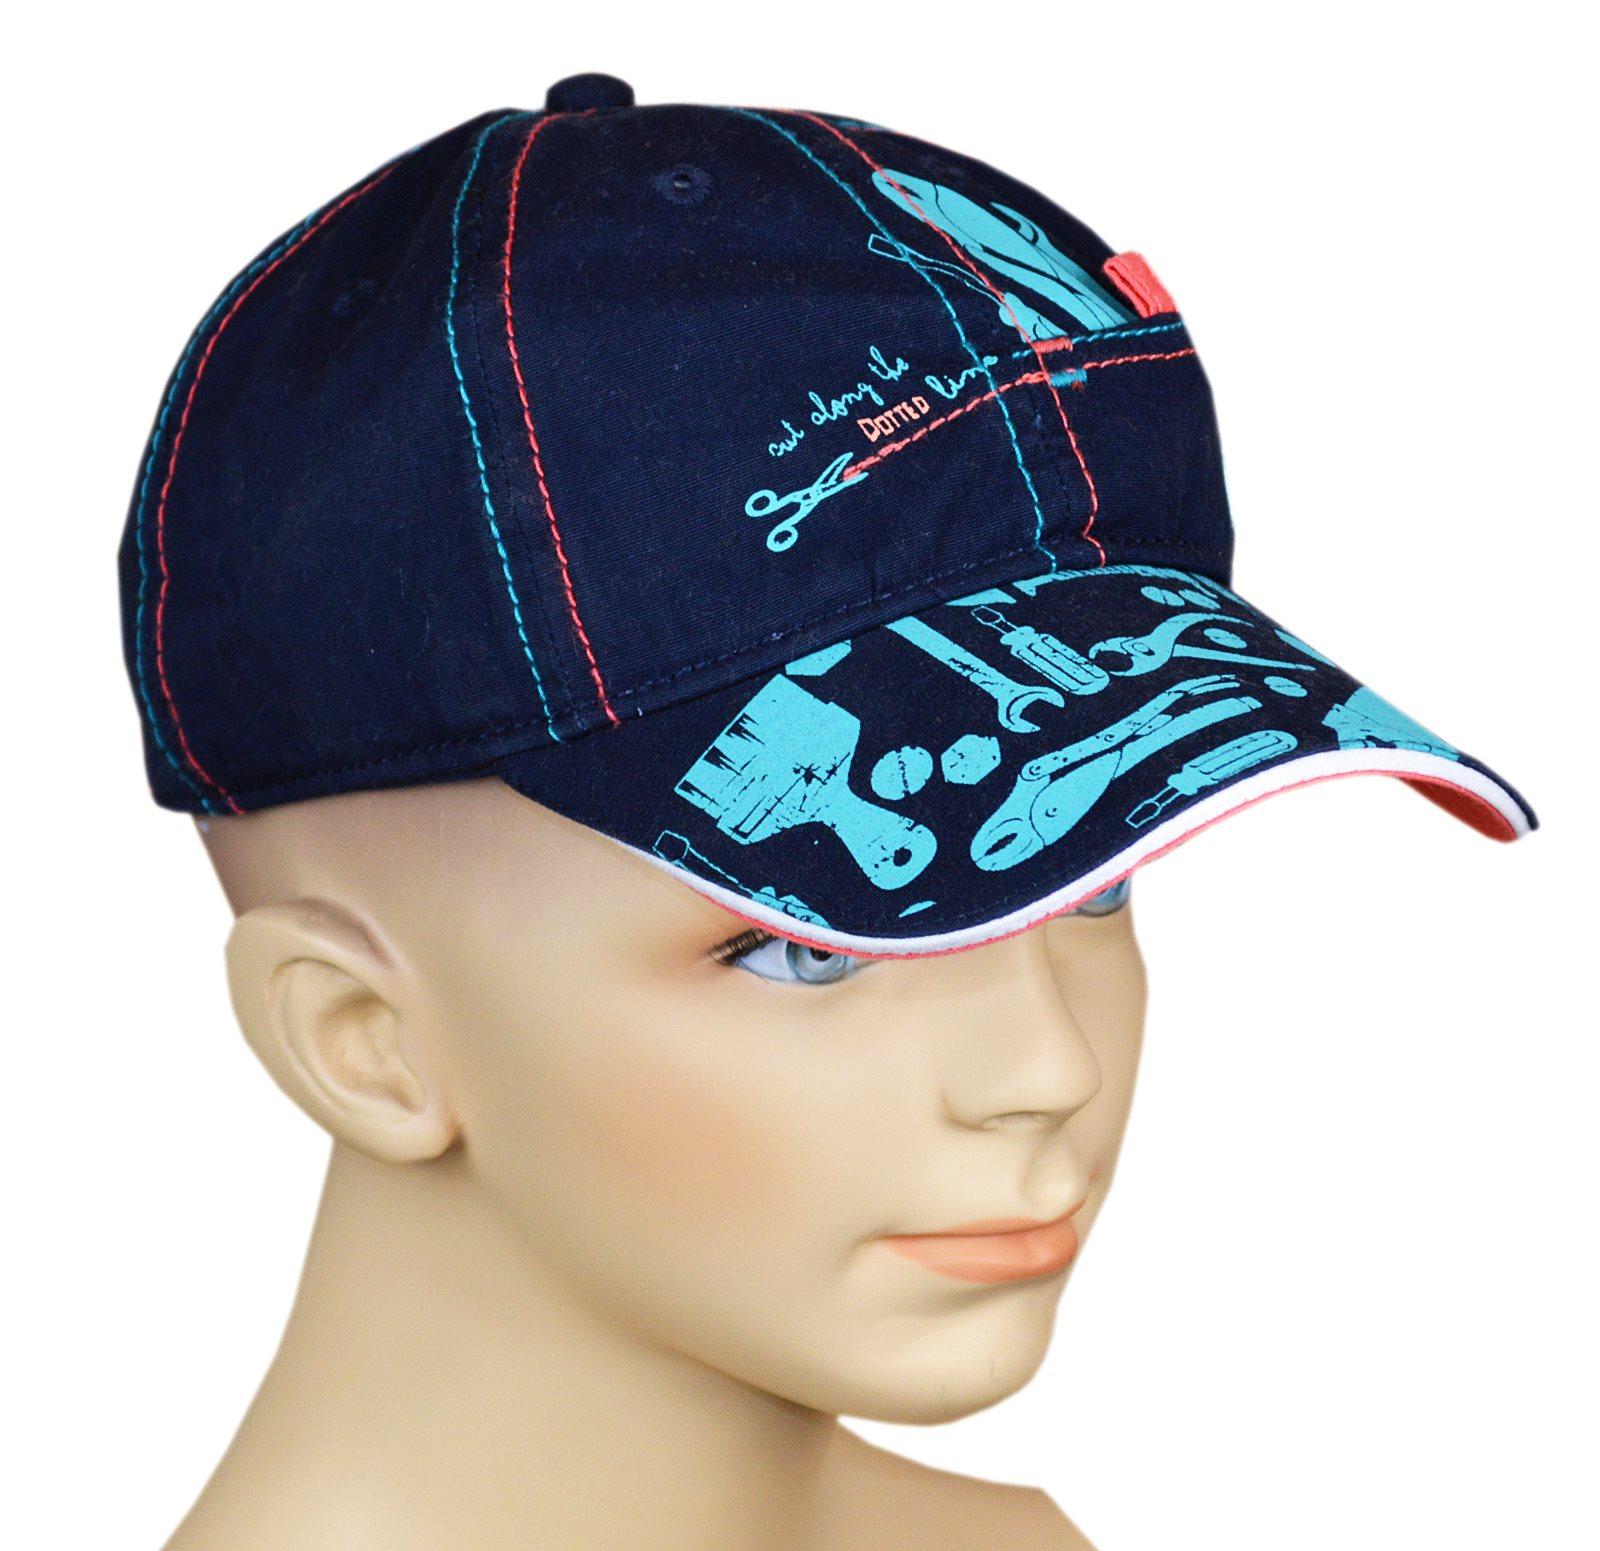 Dunkelblaue Cap-Mütze für JUngen mit tollen Werkzeugmotiven in hellblau und  farbigen Ziernähten. 2ee969686db